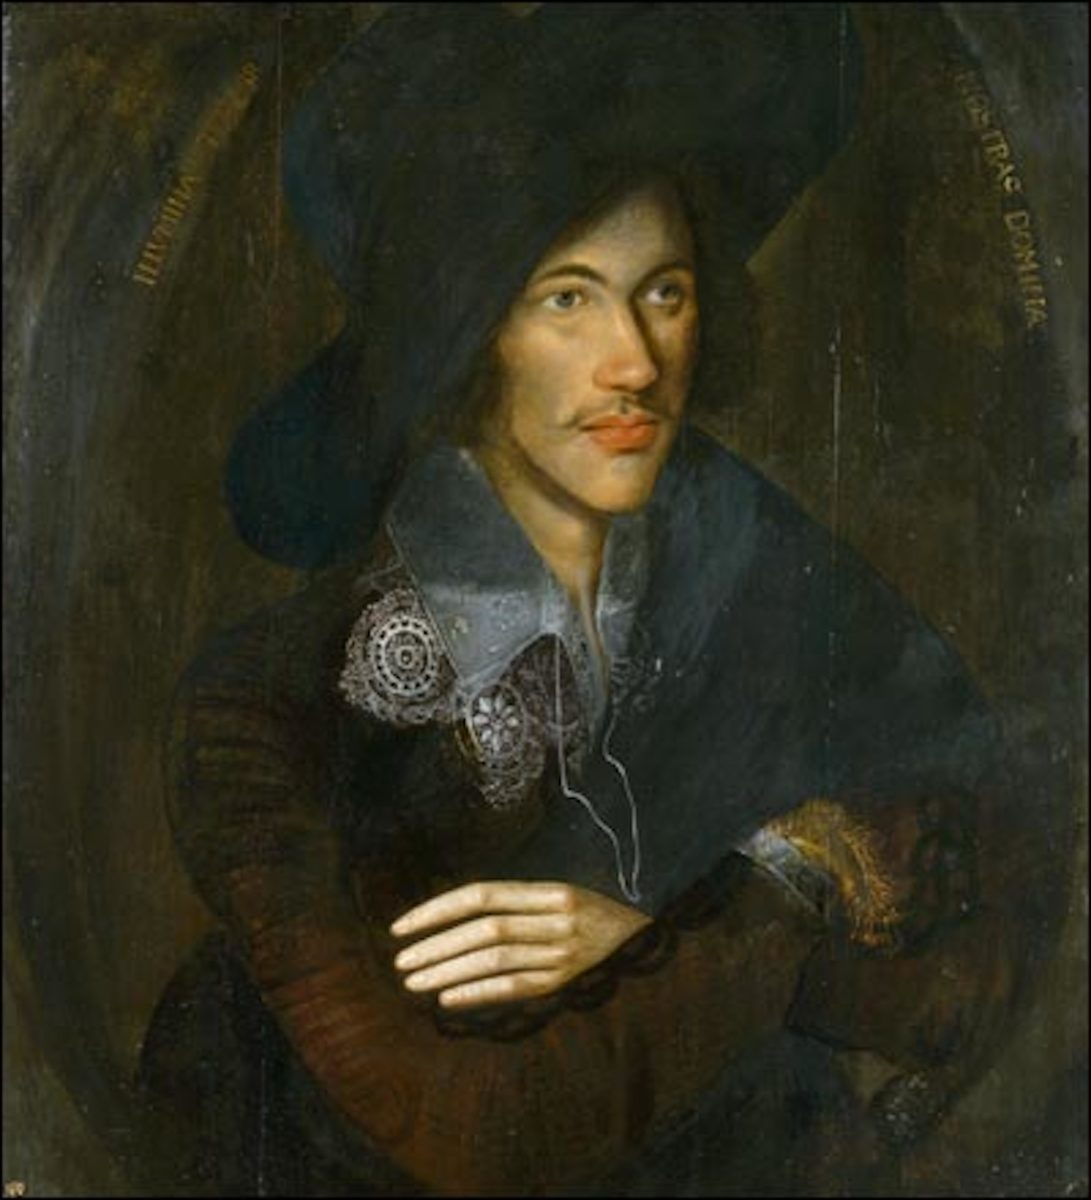 John Donne's Holy Sonnet IX